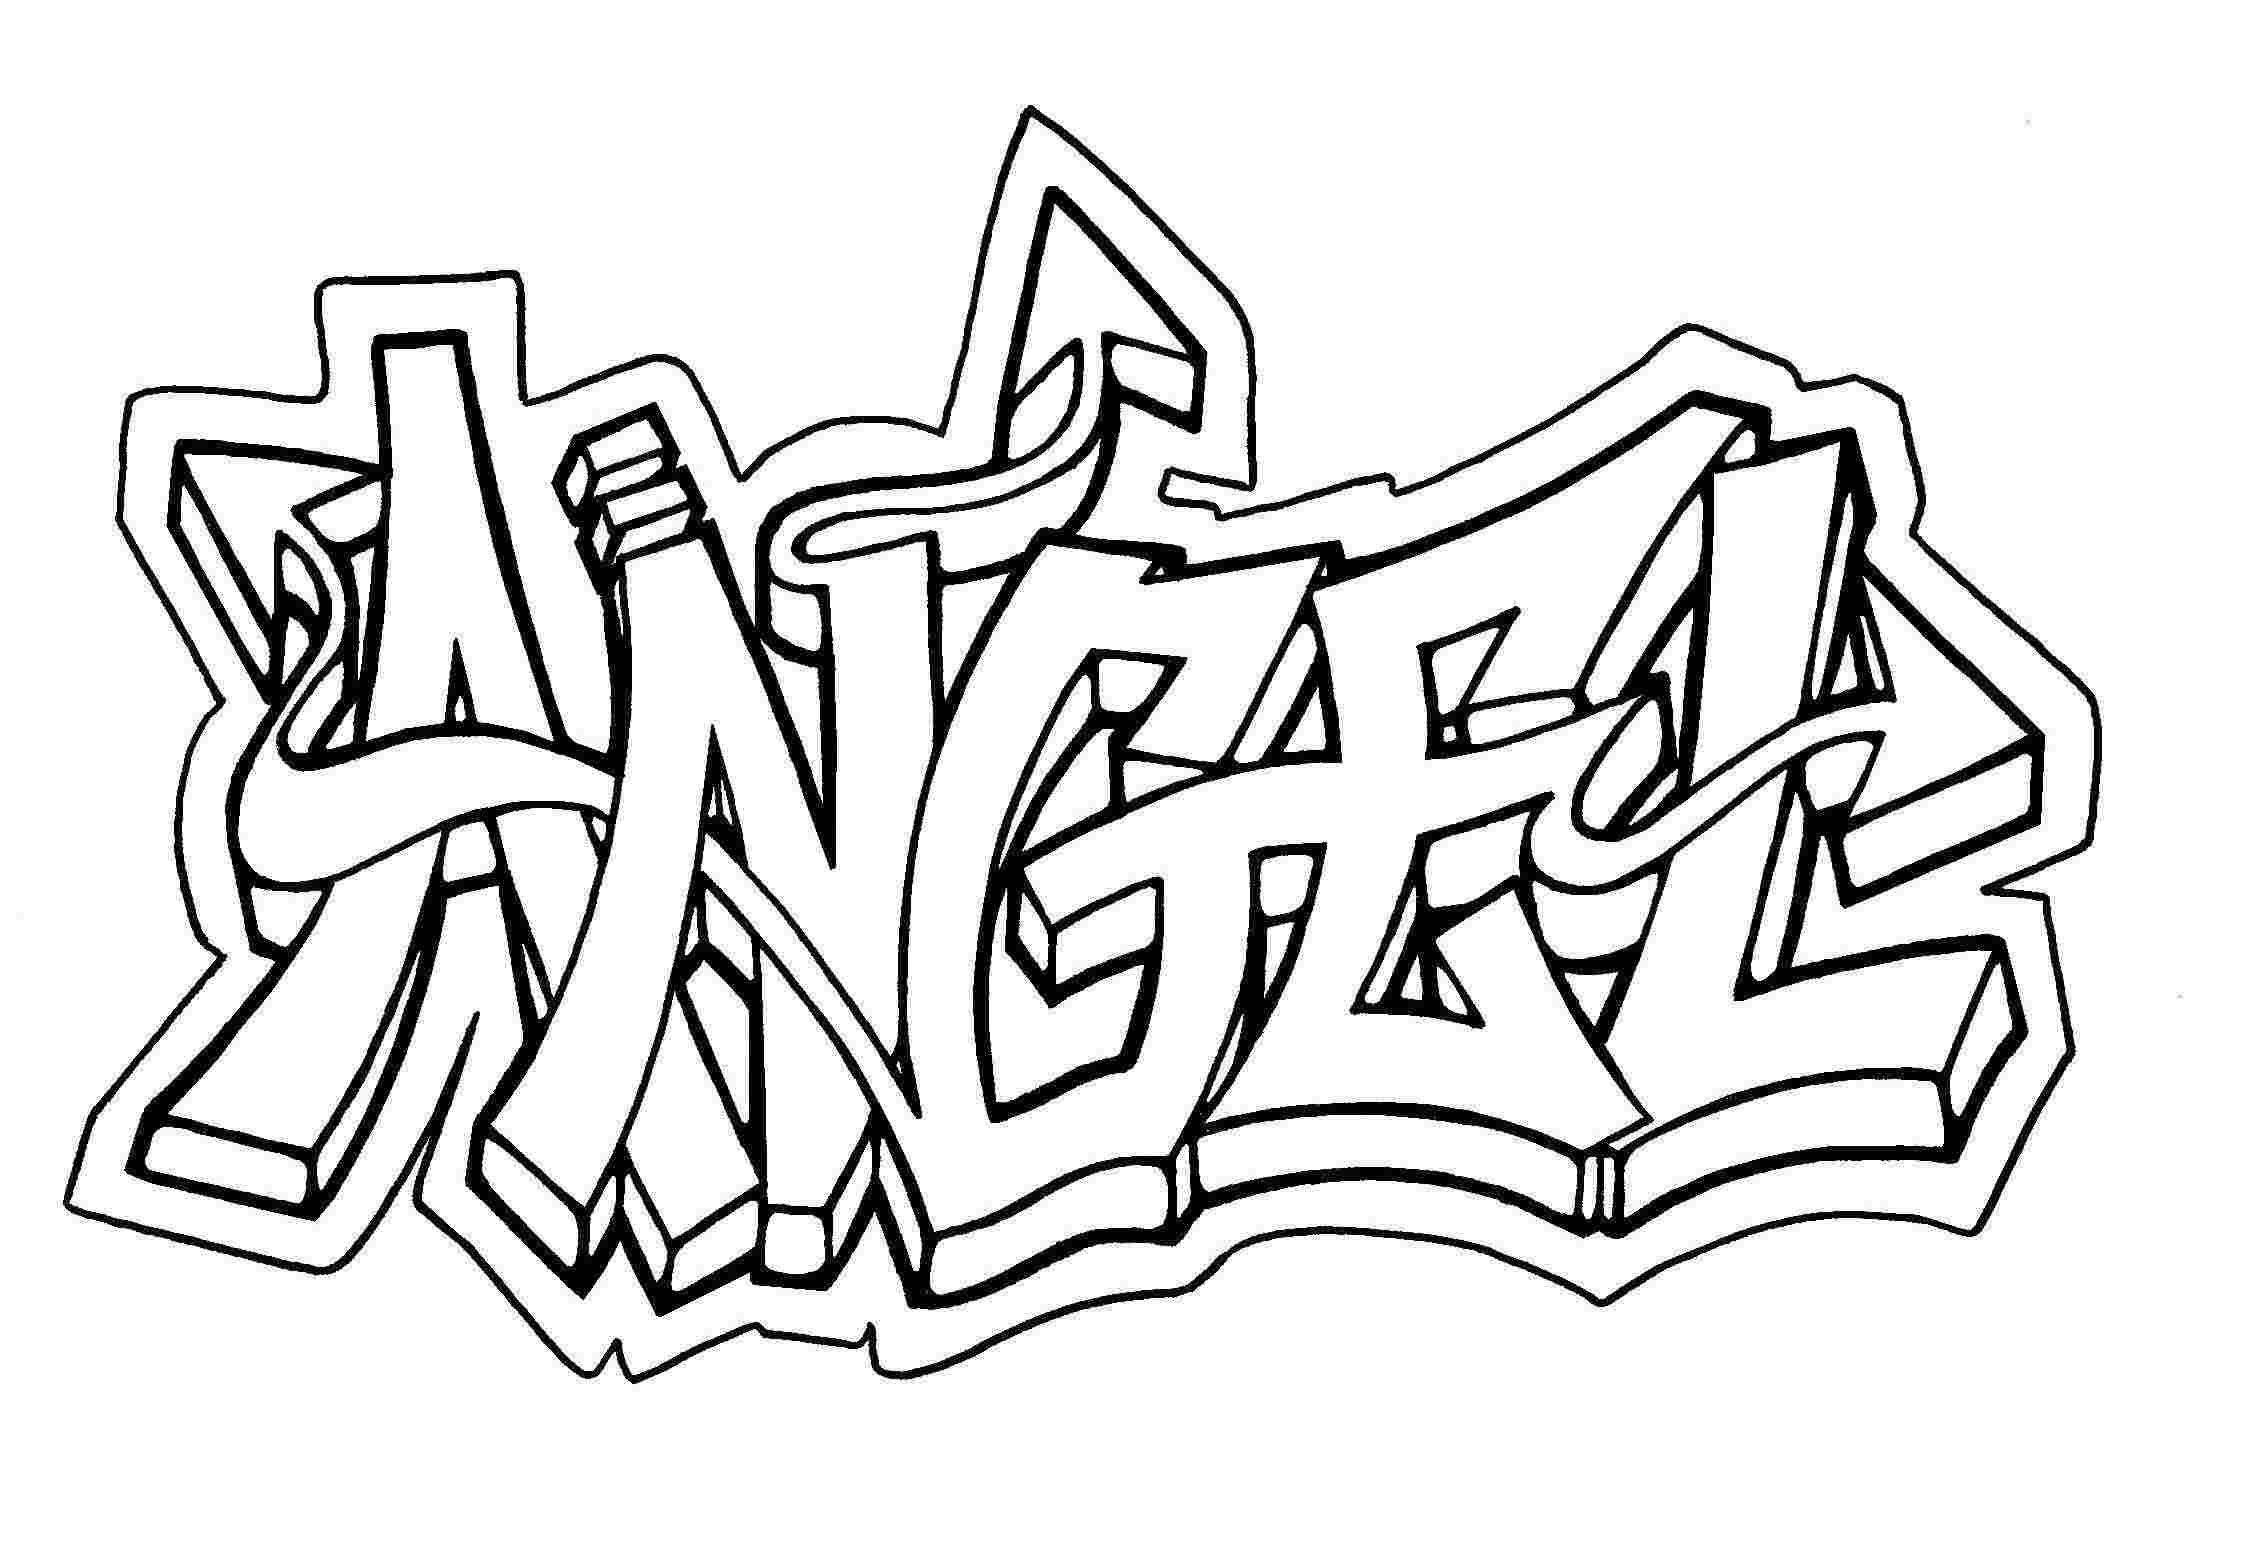 Graffiti Creator Colouring Pages In Capitals Graffiti